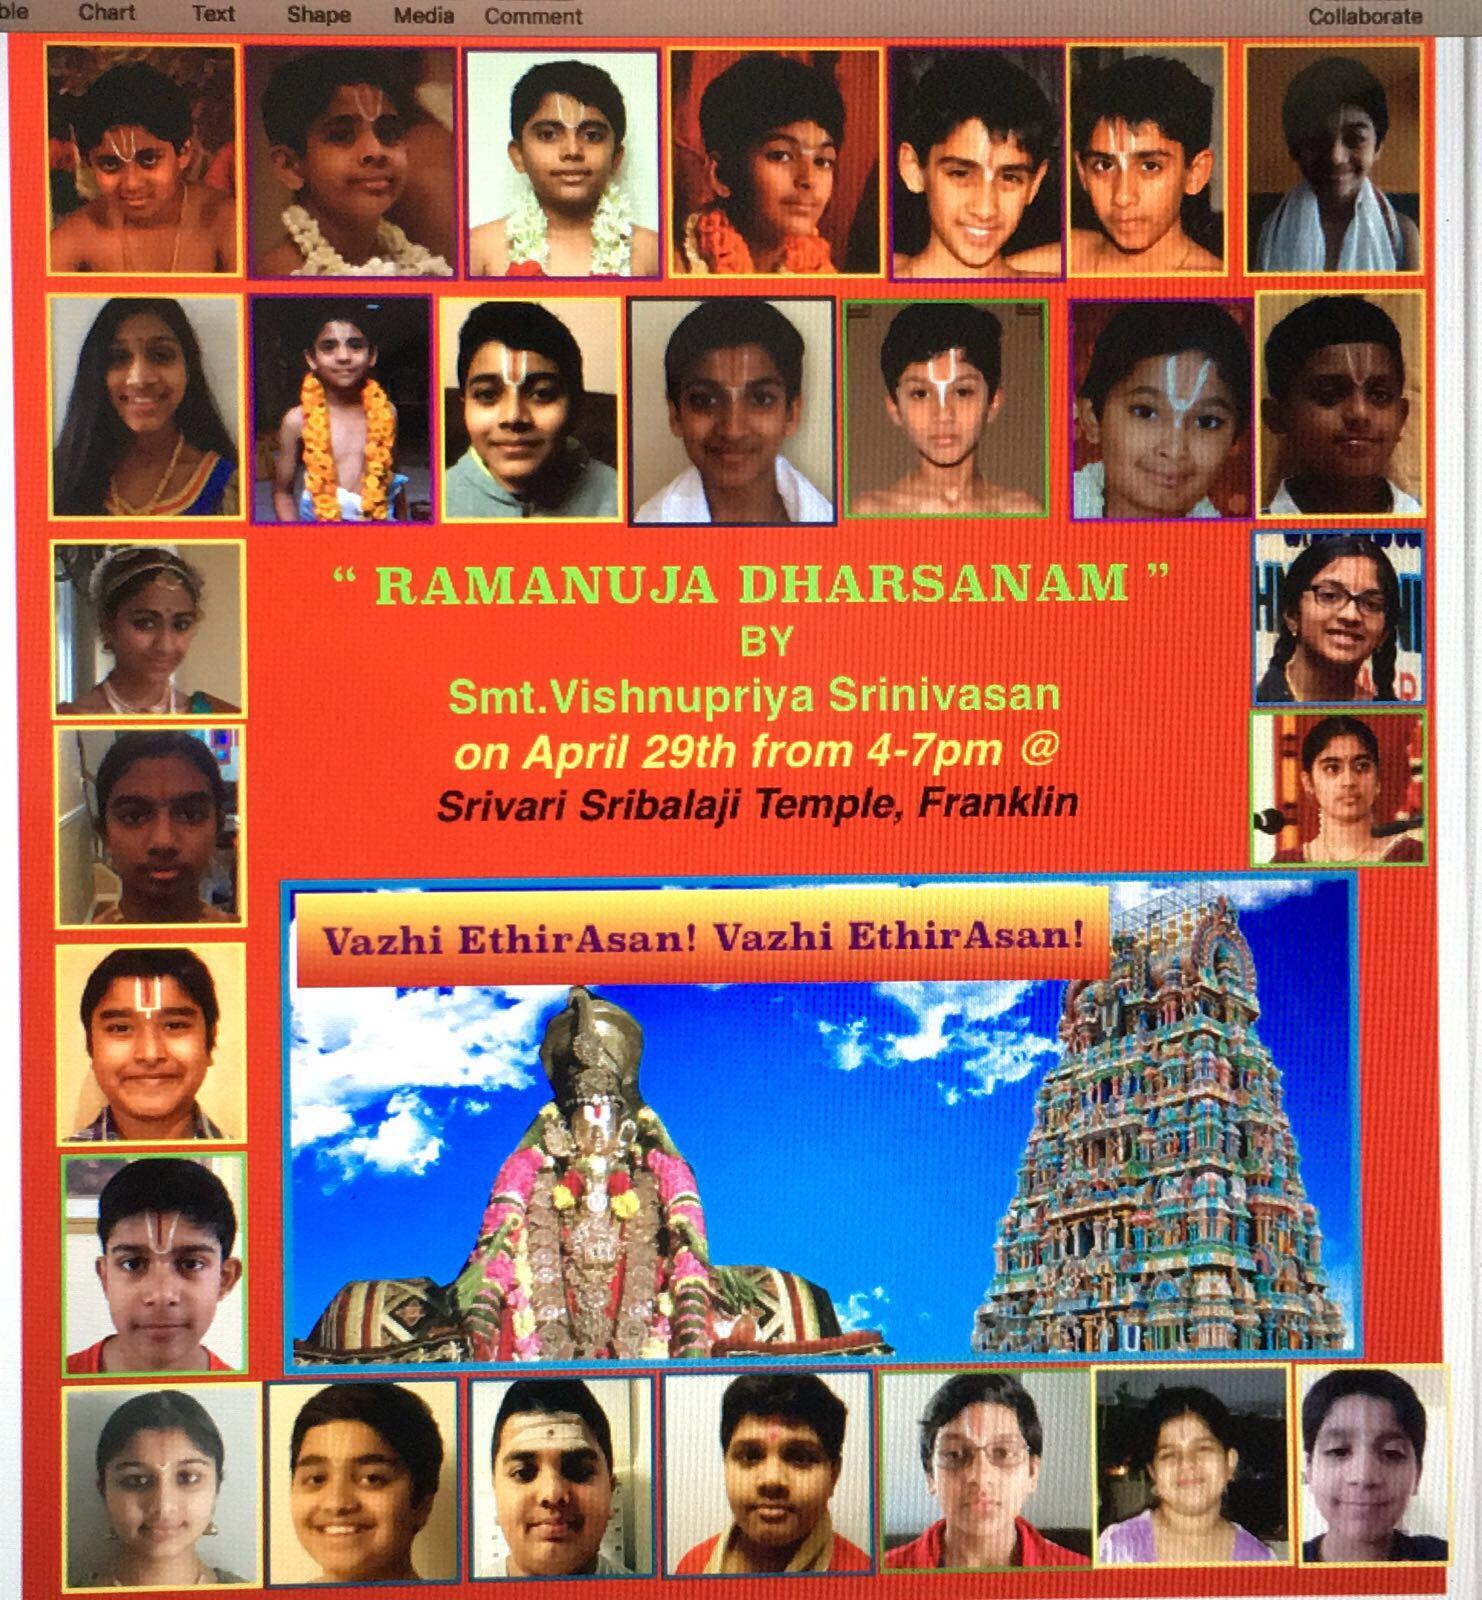 Ramanuja Dharsanam